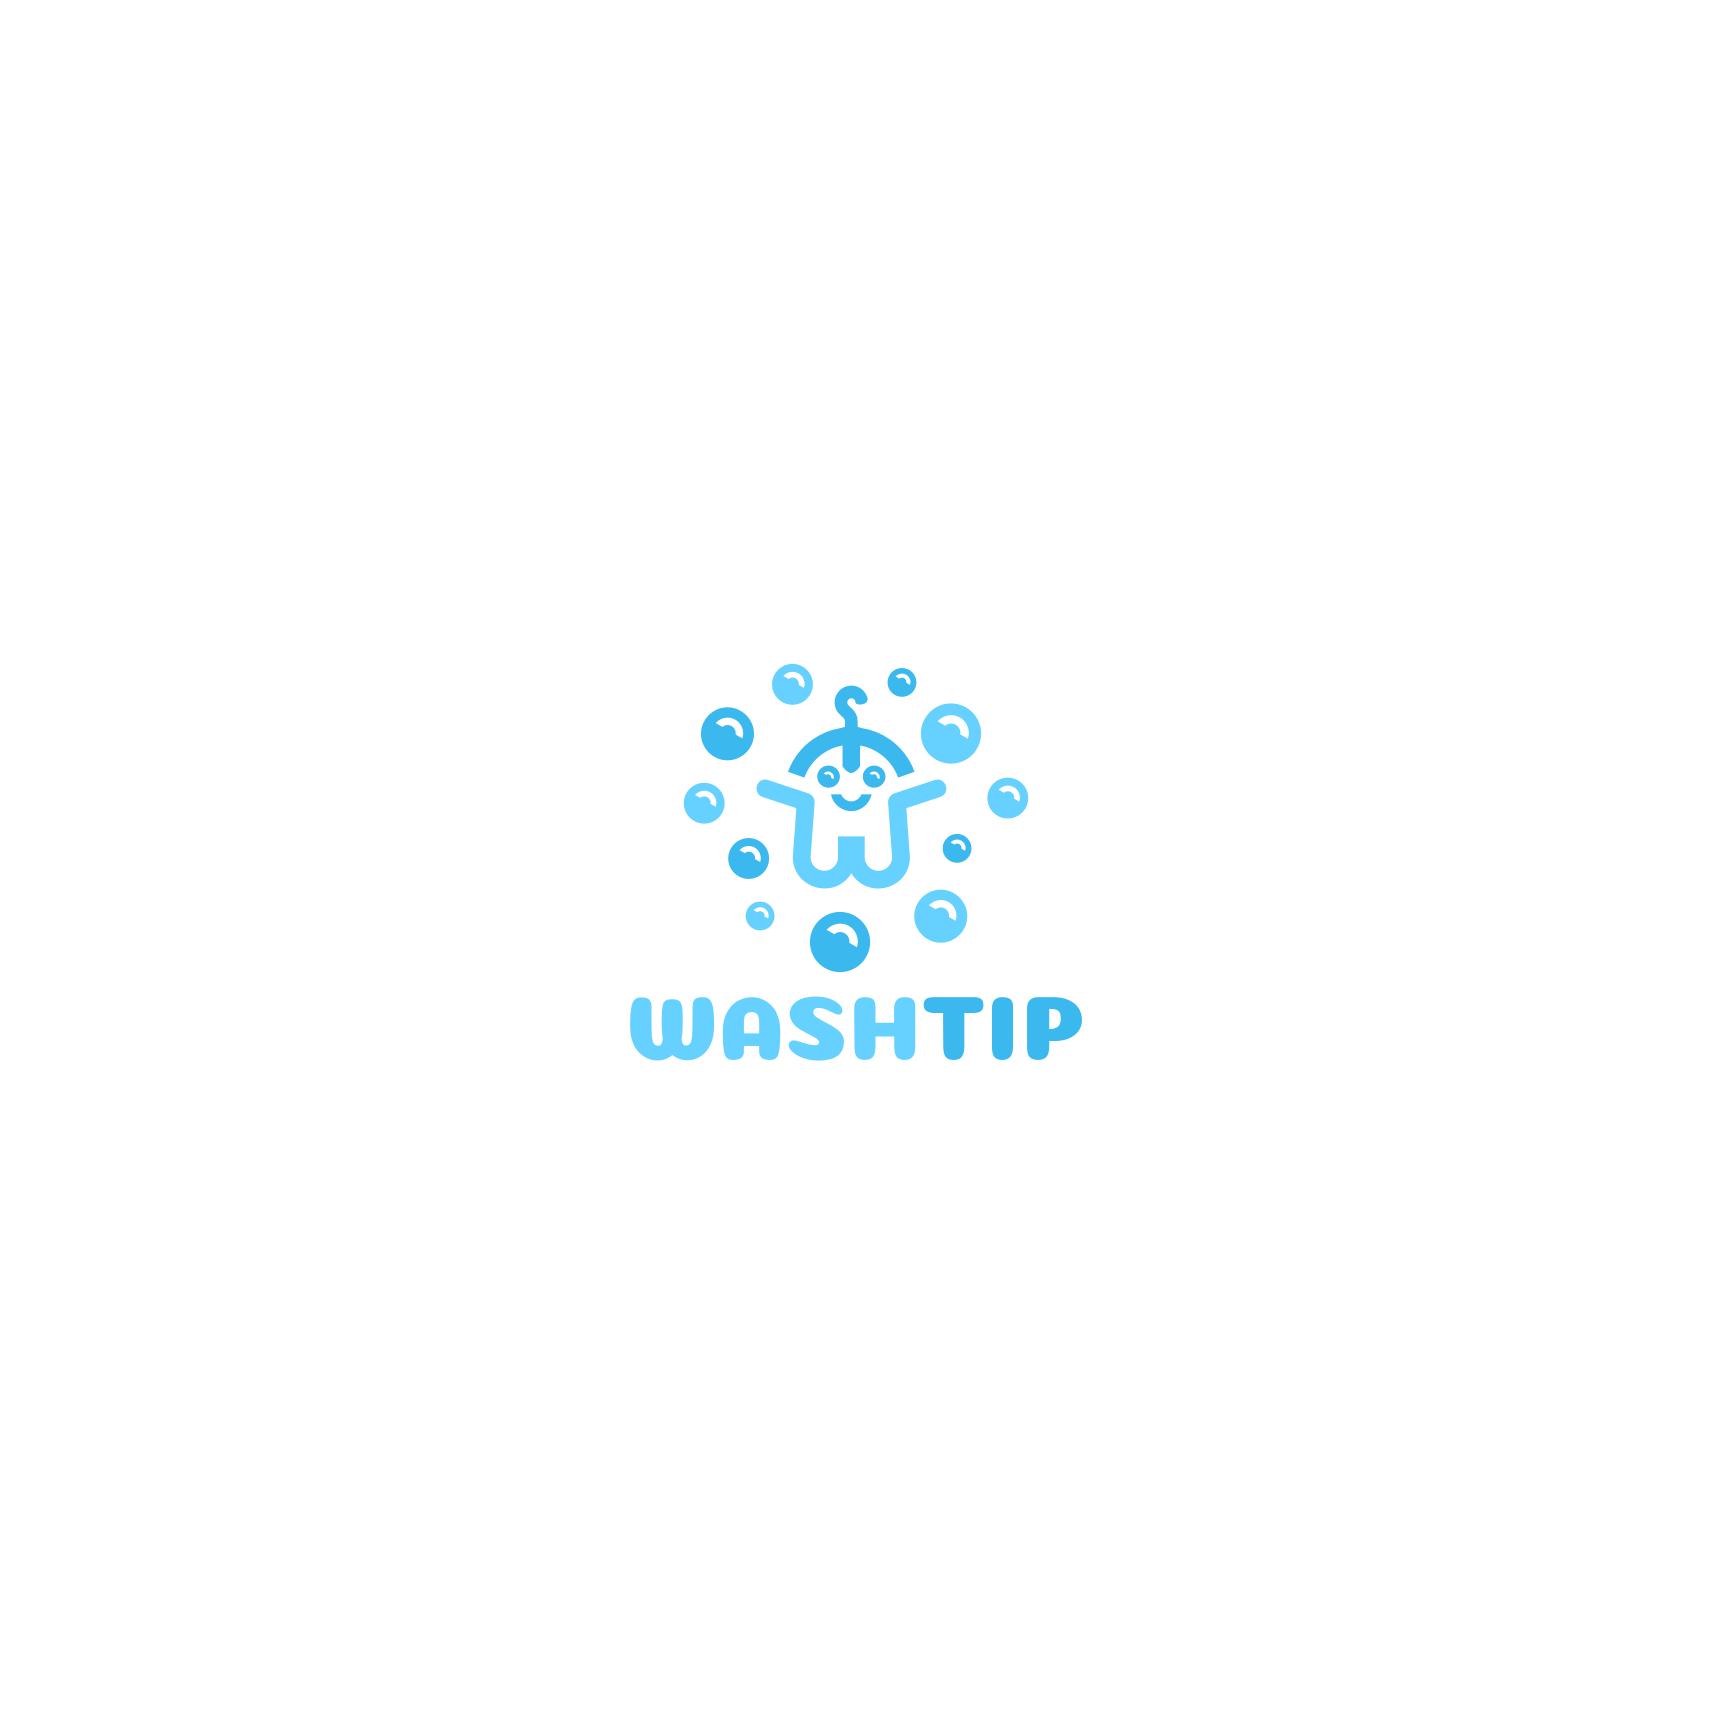 Разработка логотипа для онлайн-сервиса химчистки фото f_8605c0a8be6caae8.png